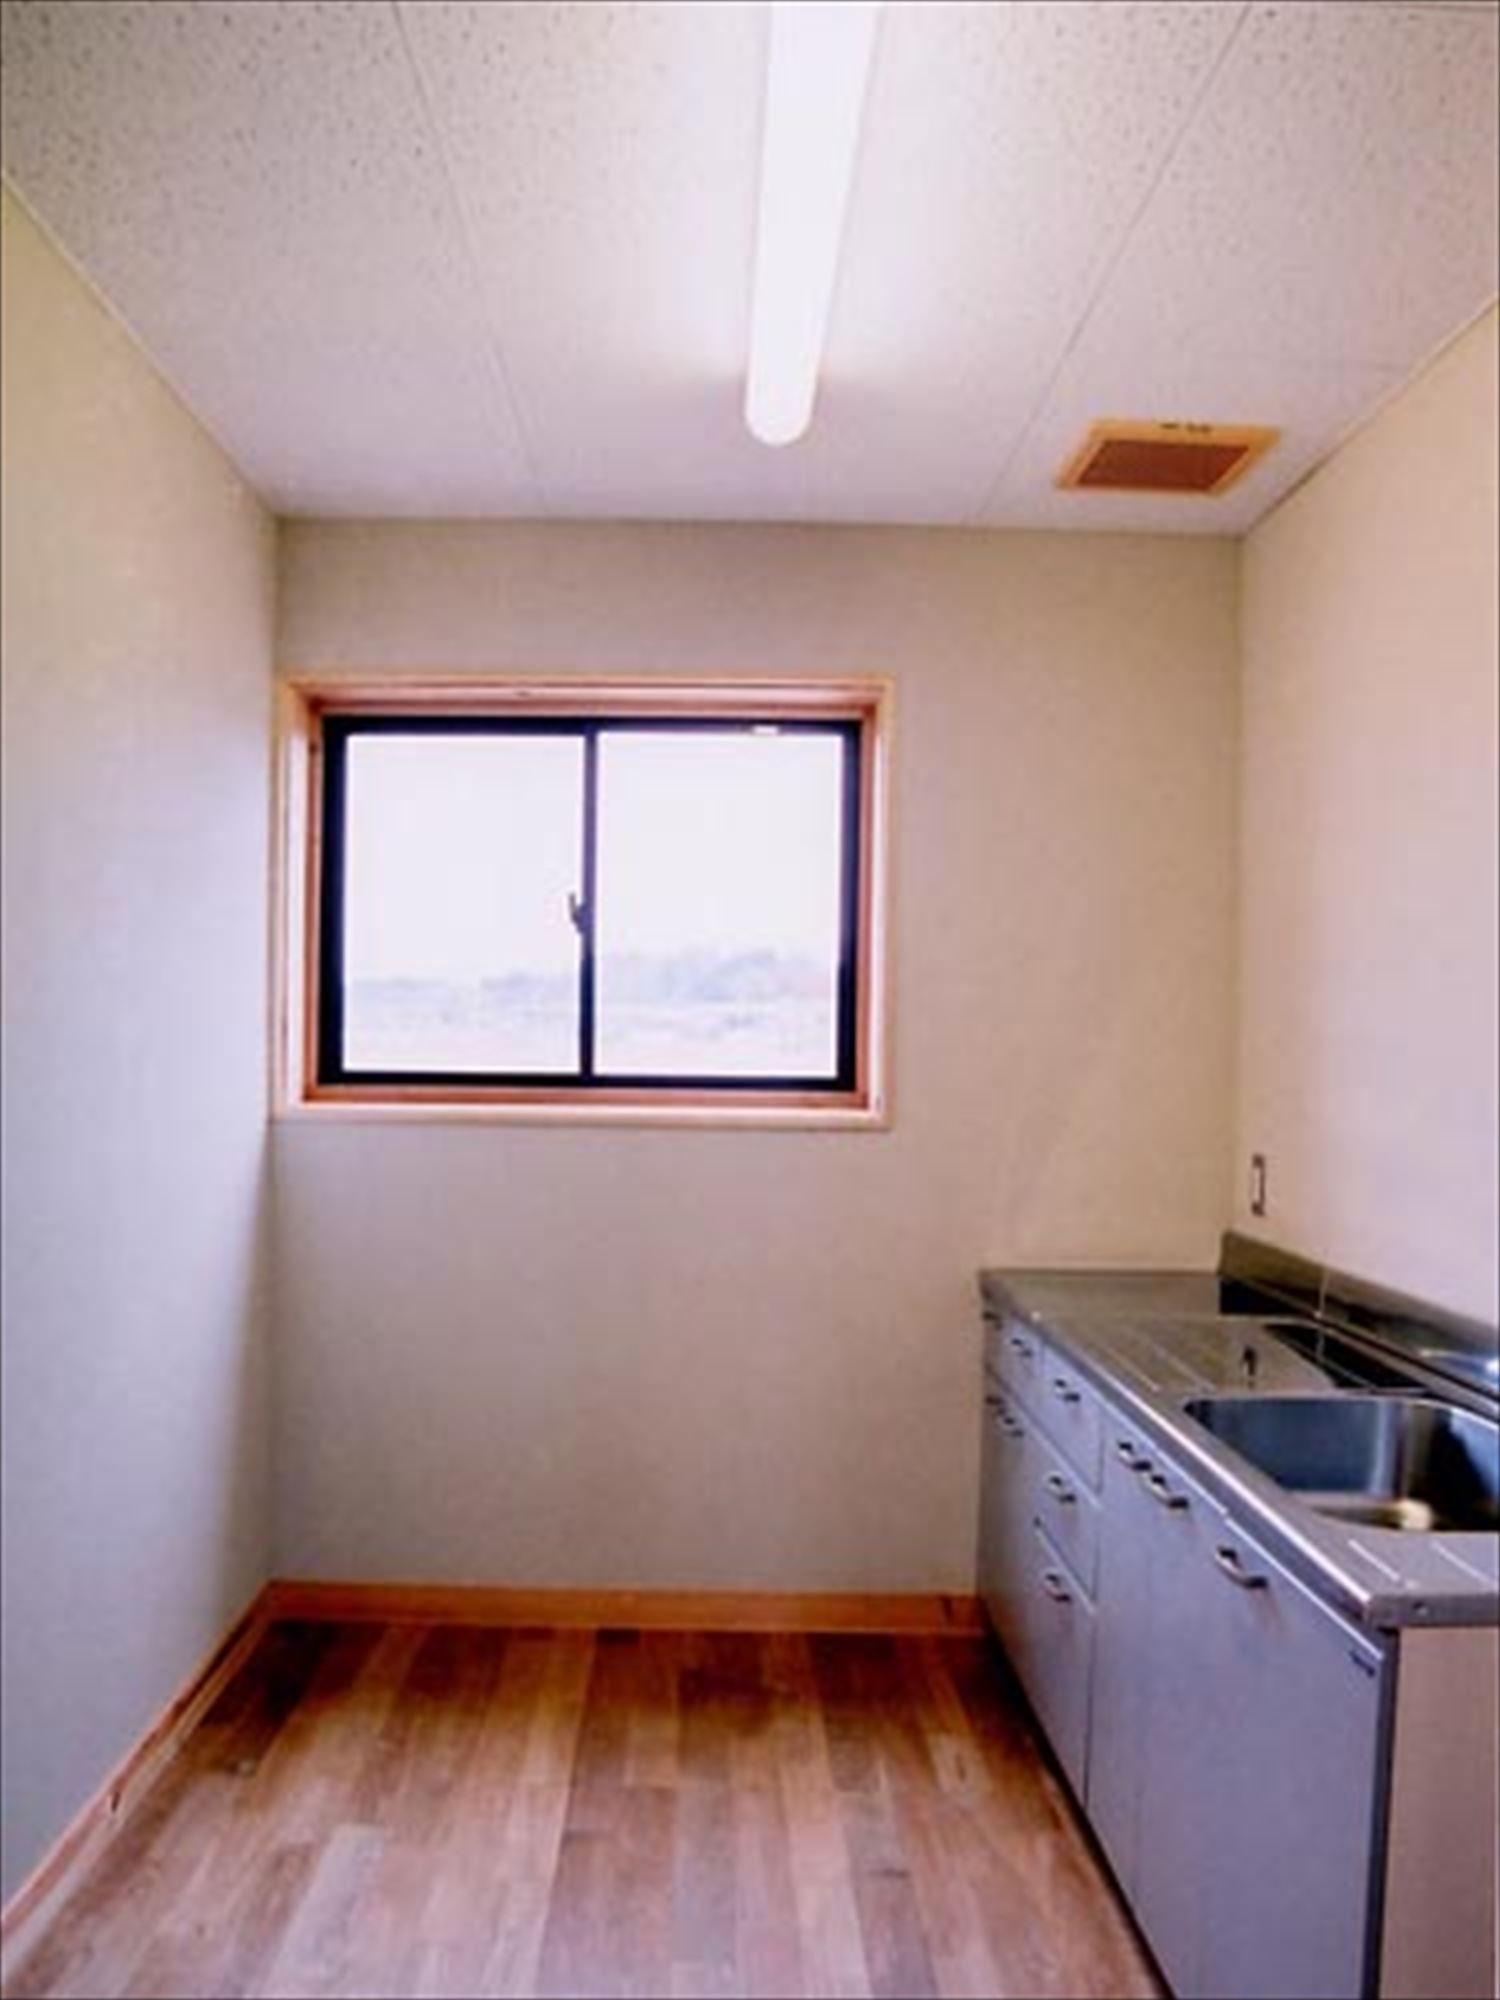 湖の畔に建つログハウスのキッチン|鉾田市の注文住宅,ログハウスのような木の家を低価格で建てるならエイ・ワン